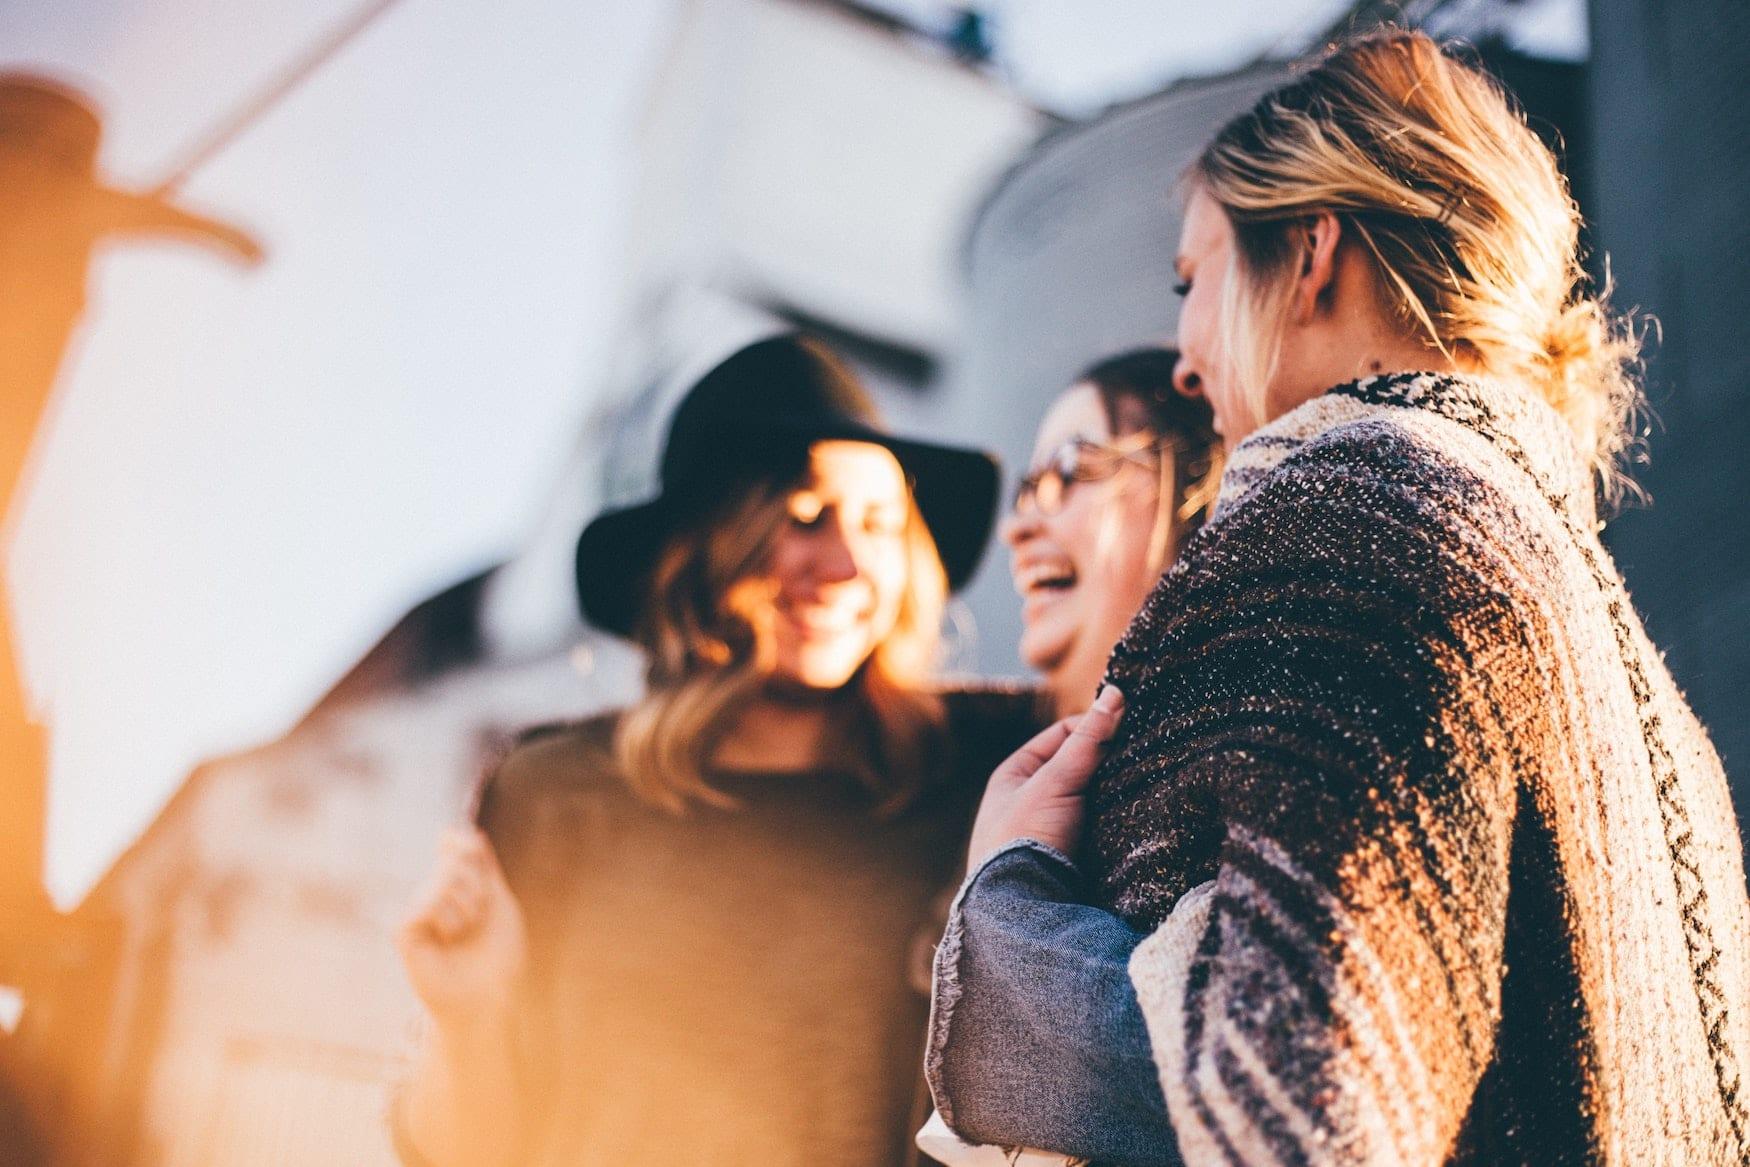 Drei Frauen halten Smalltalk und lachen